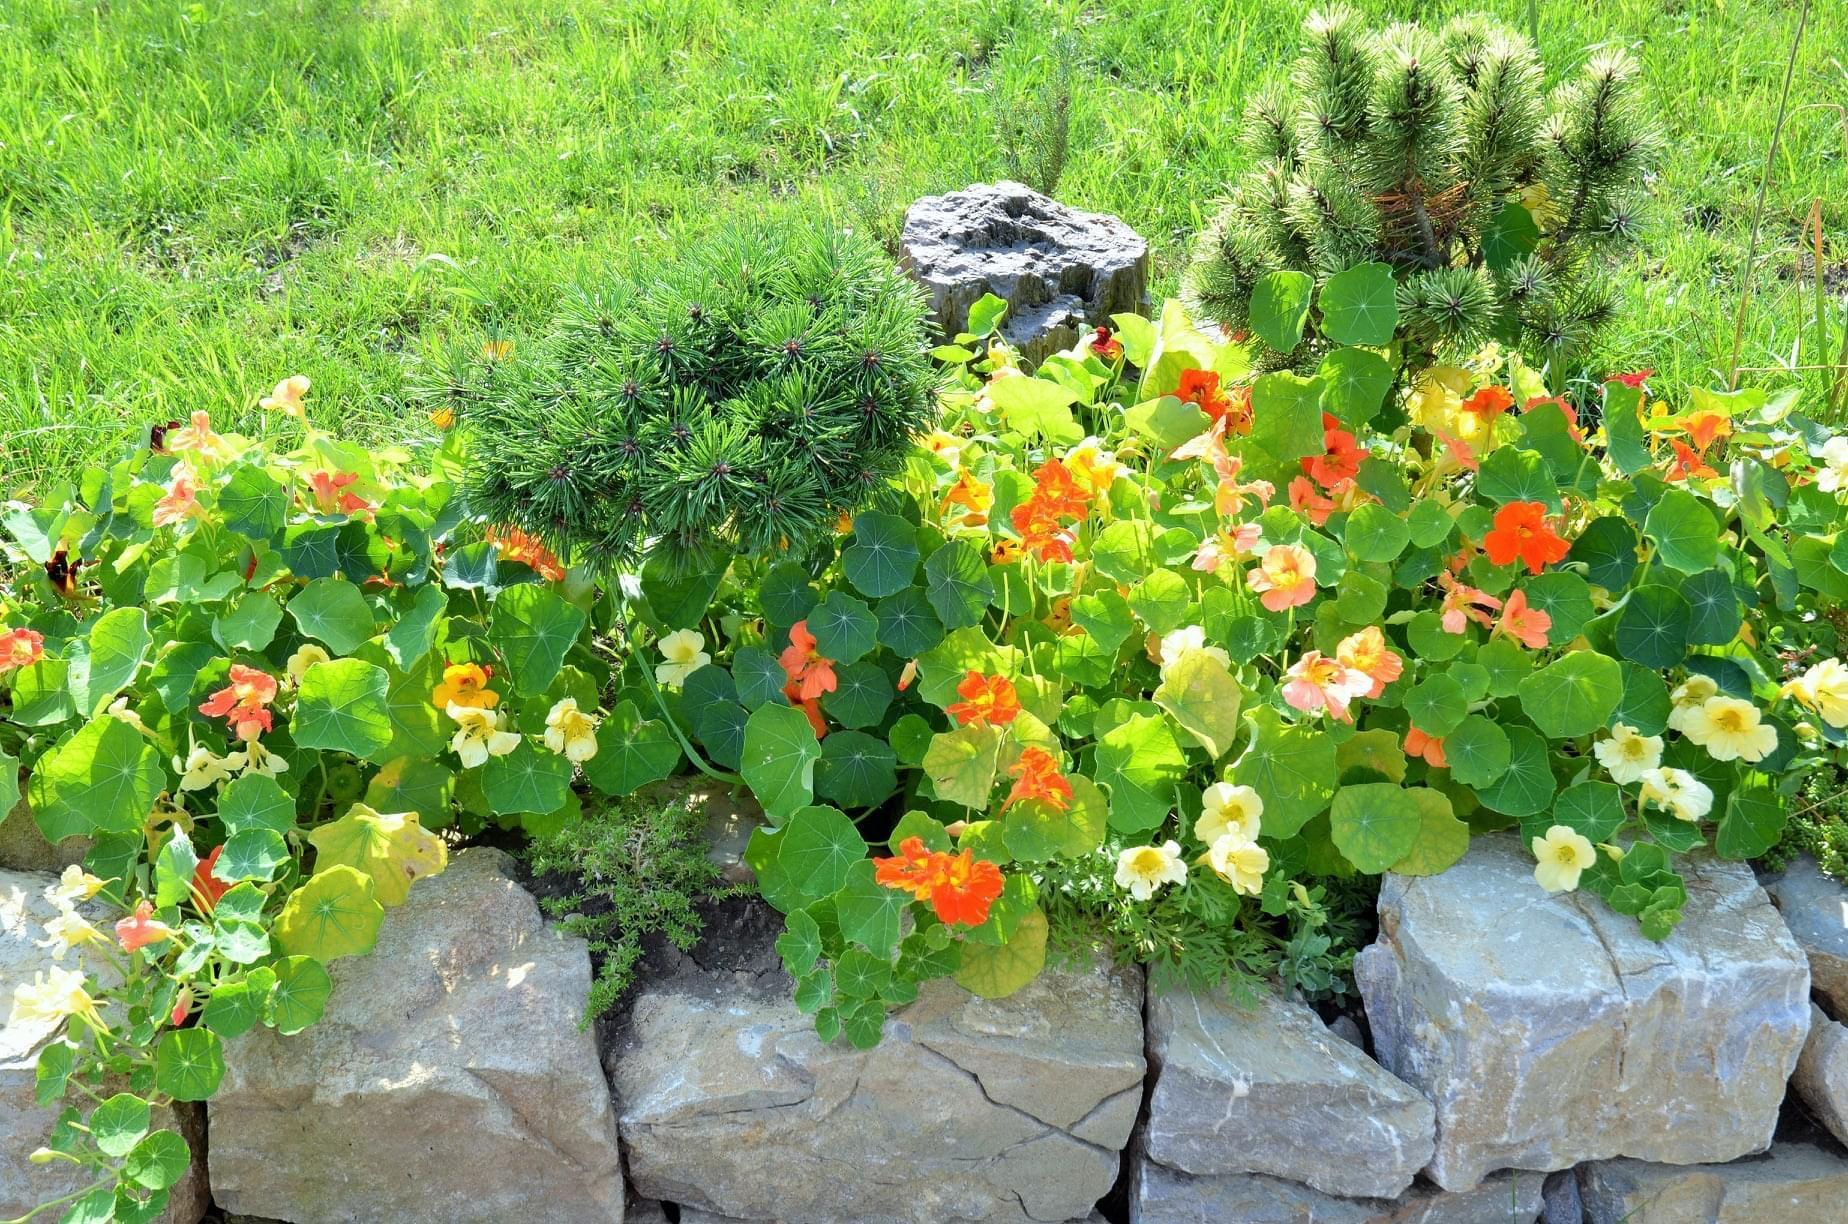 Zahrada - letos máme krásnou úrodu.